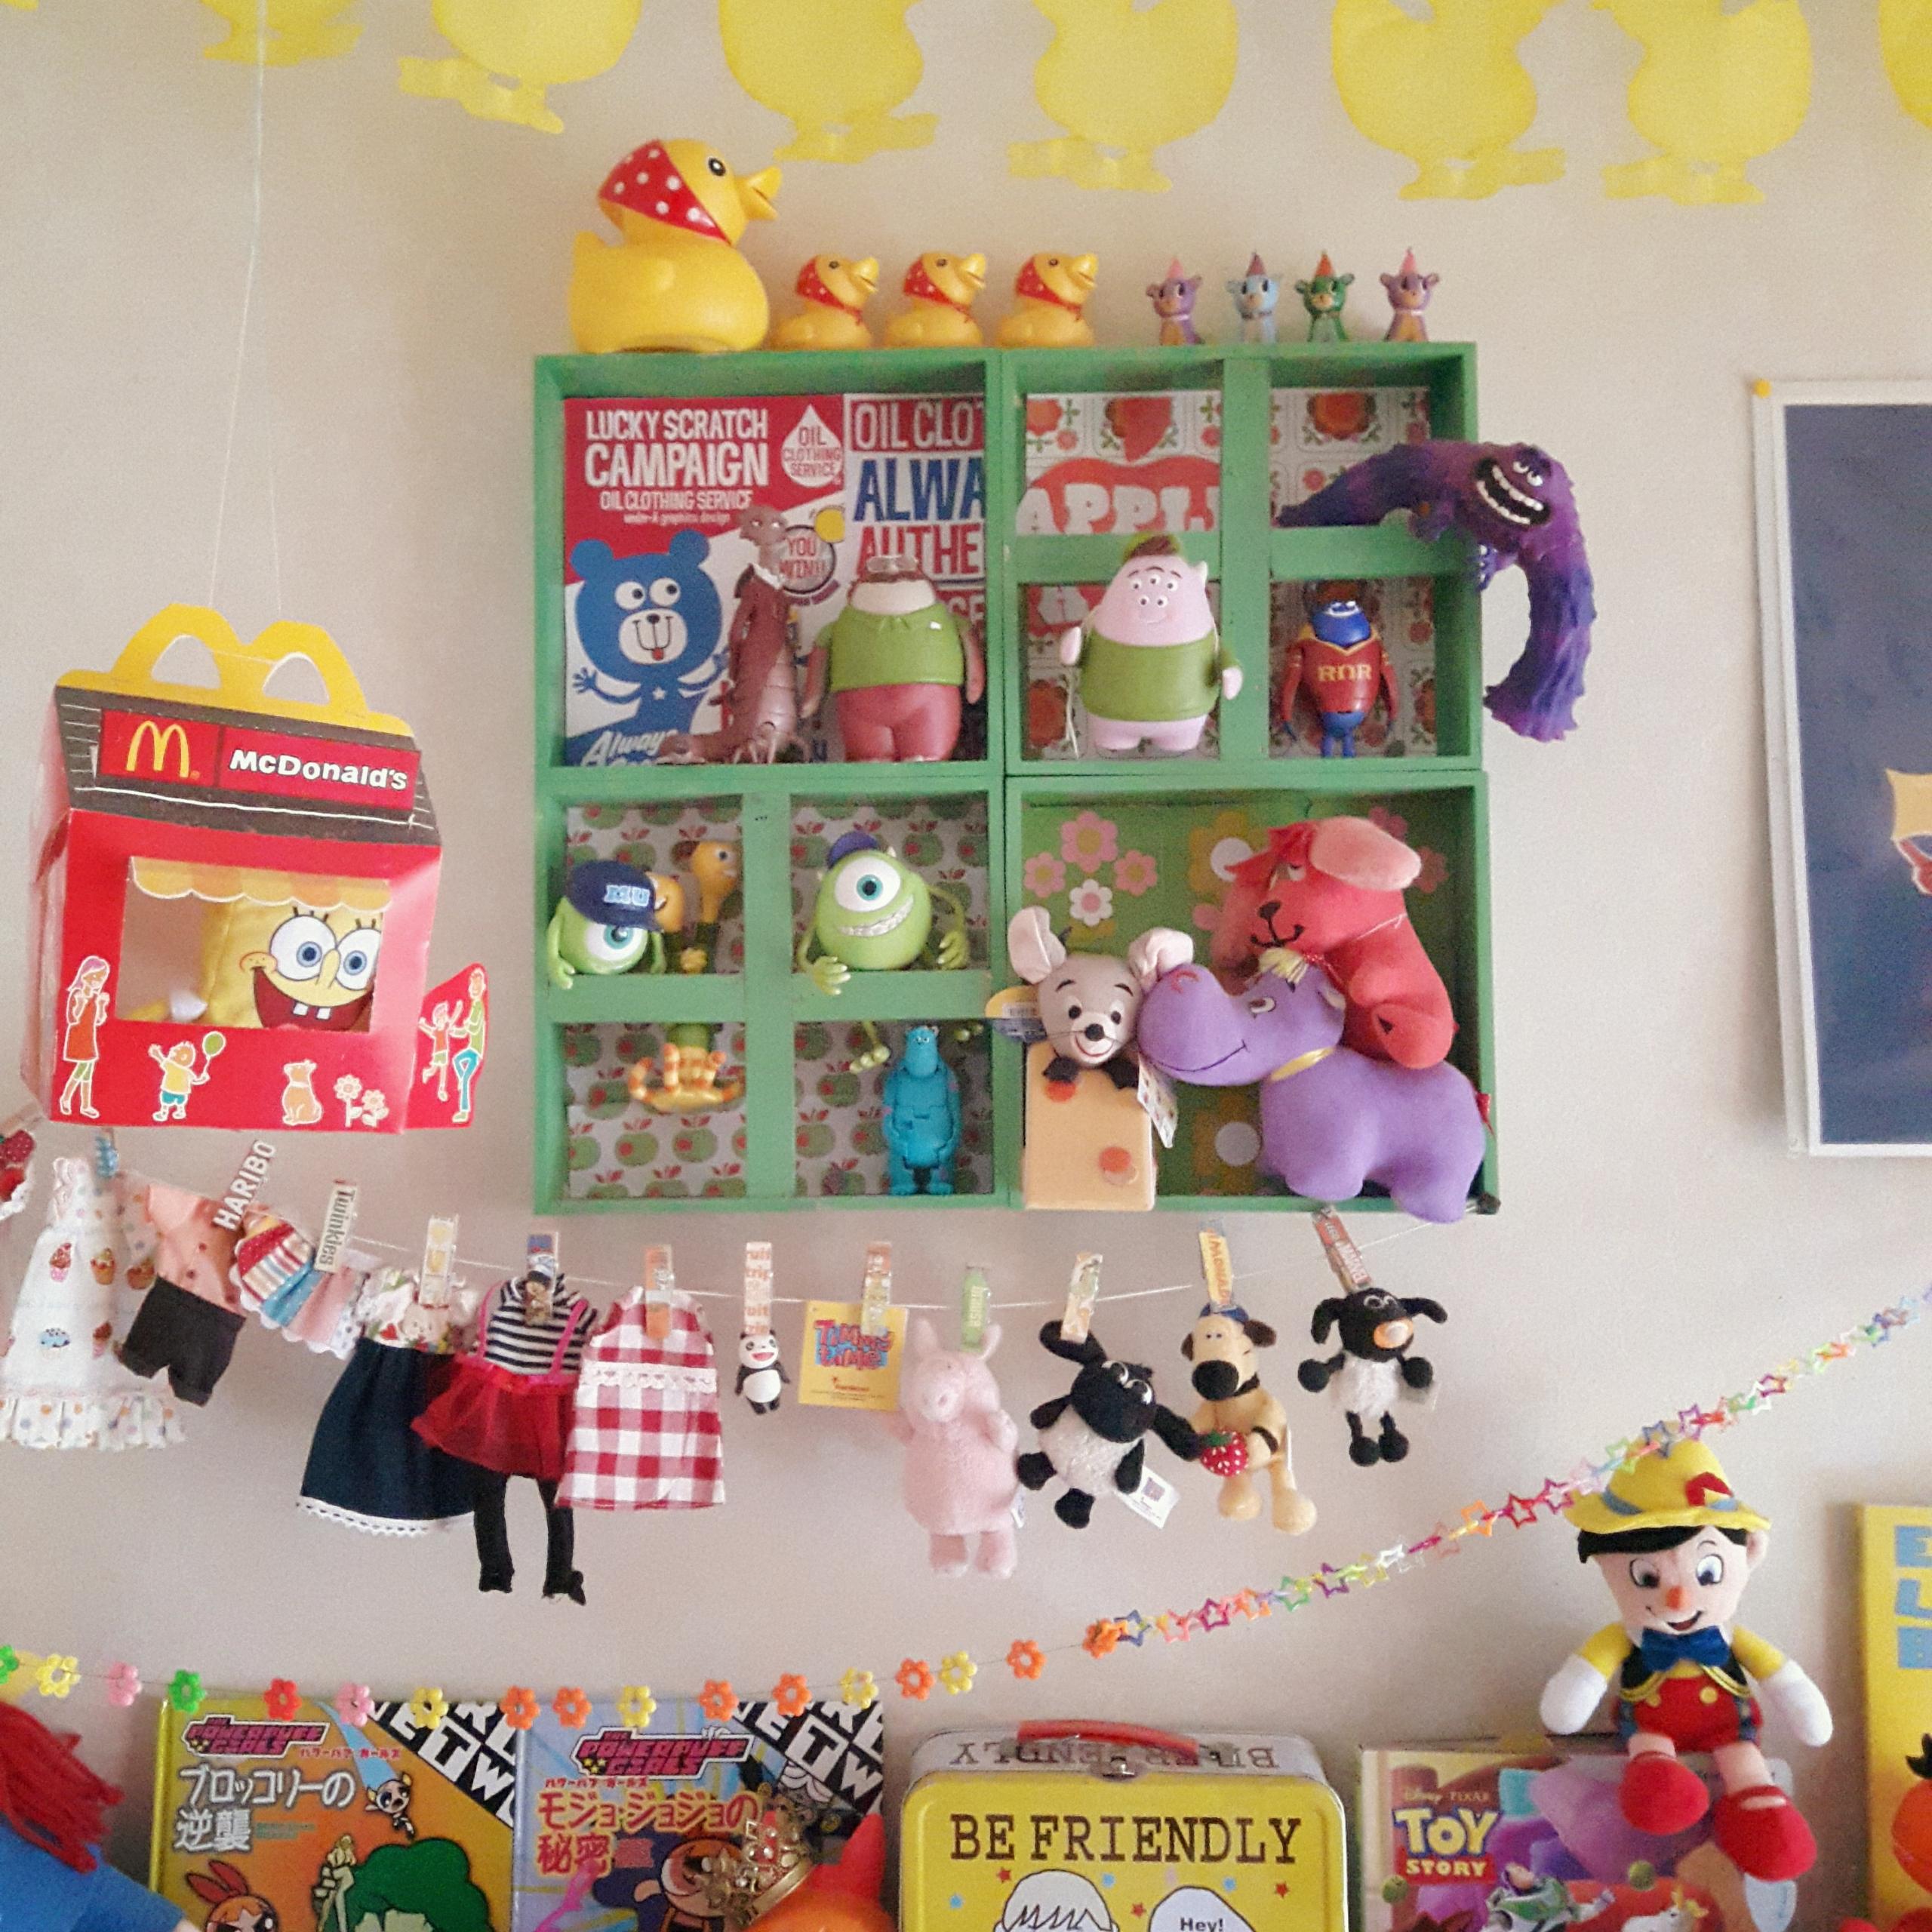 ポップを楽しむ♪大人も子どもも心躍る「アメリカン雑貨のディスプレイ棚」by matruko...さん